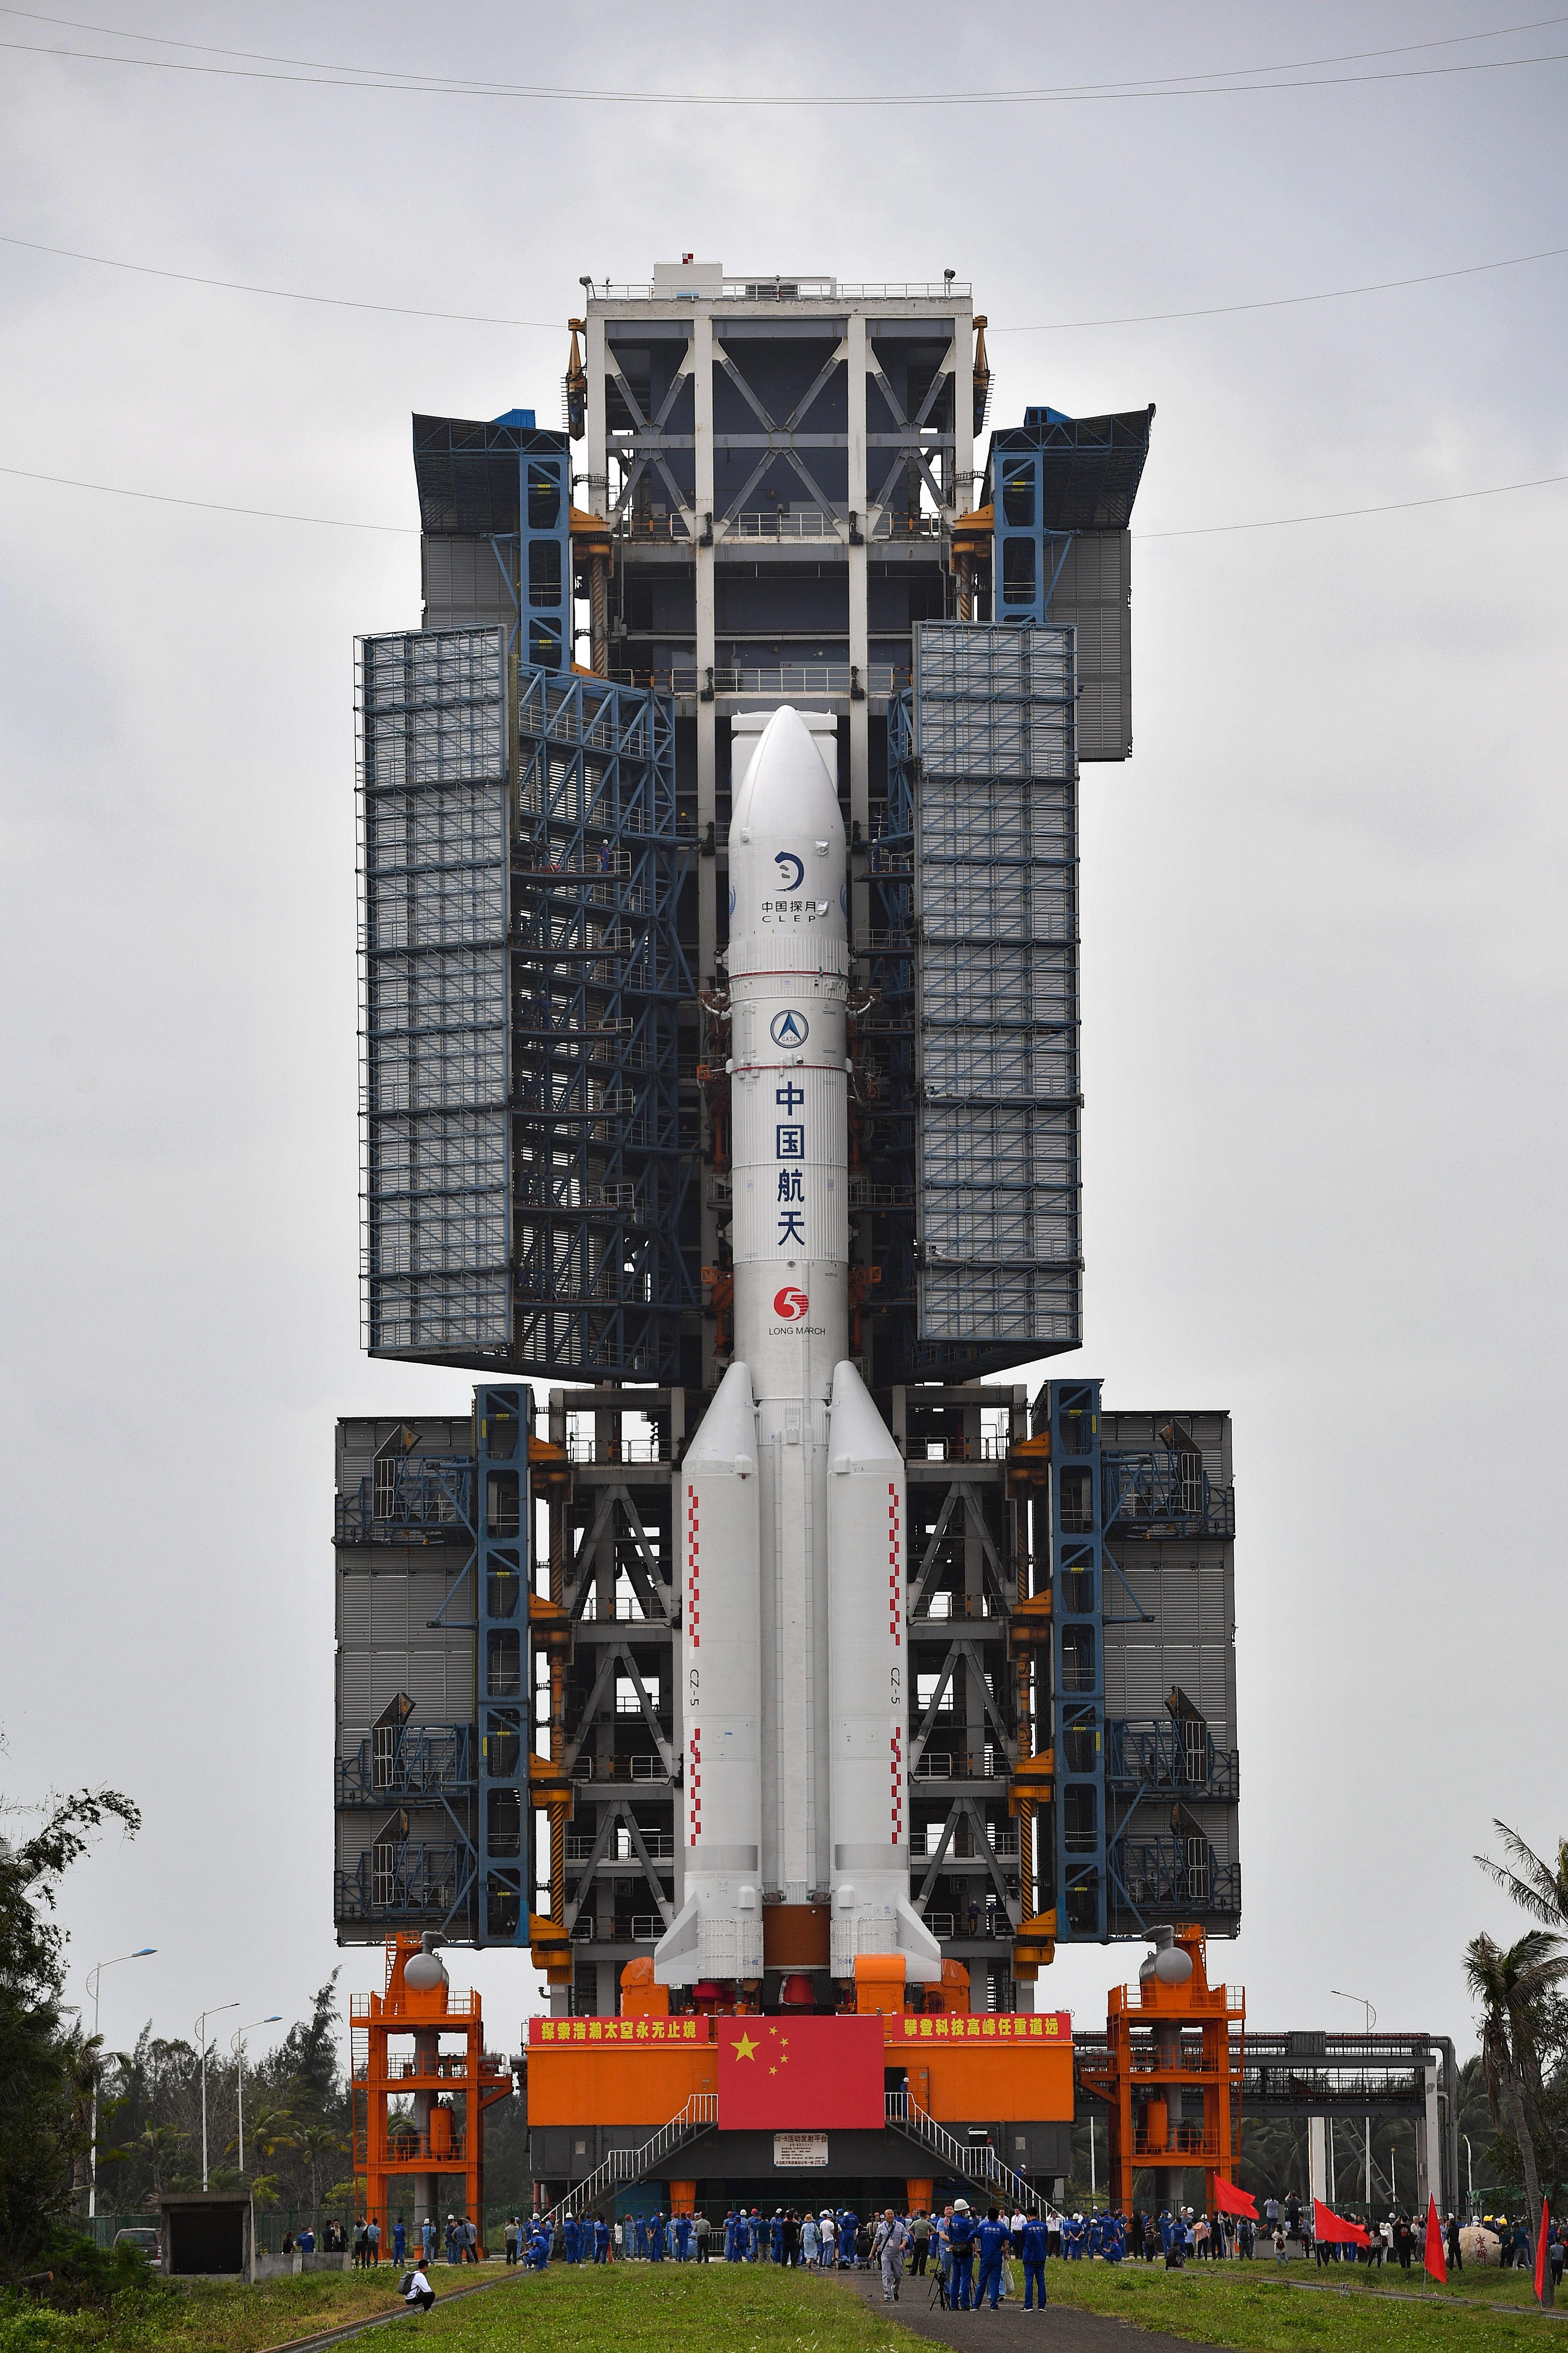 长征五号遥五运载火箭垂直转运至发射区 计划11月下旬择机